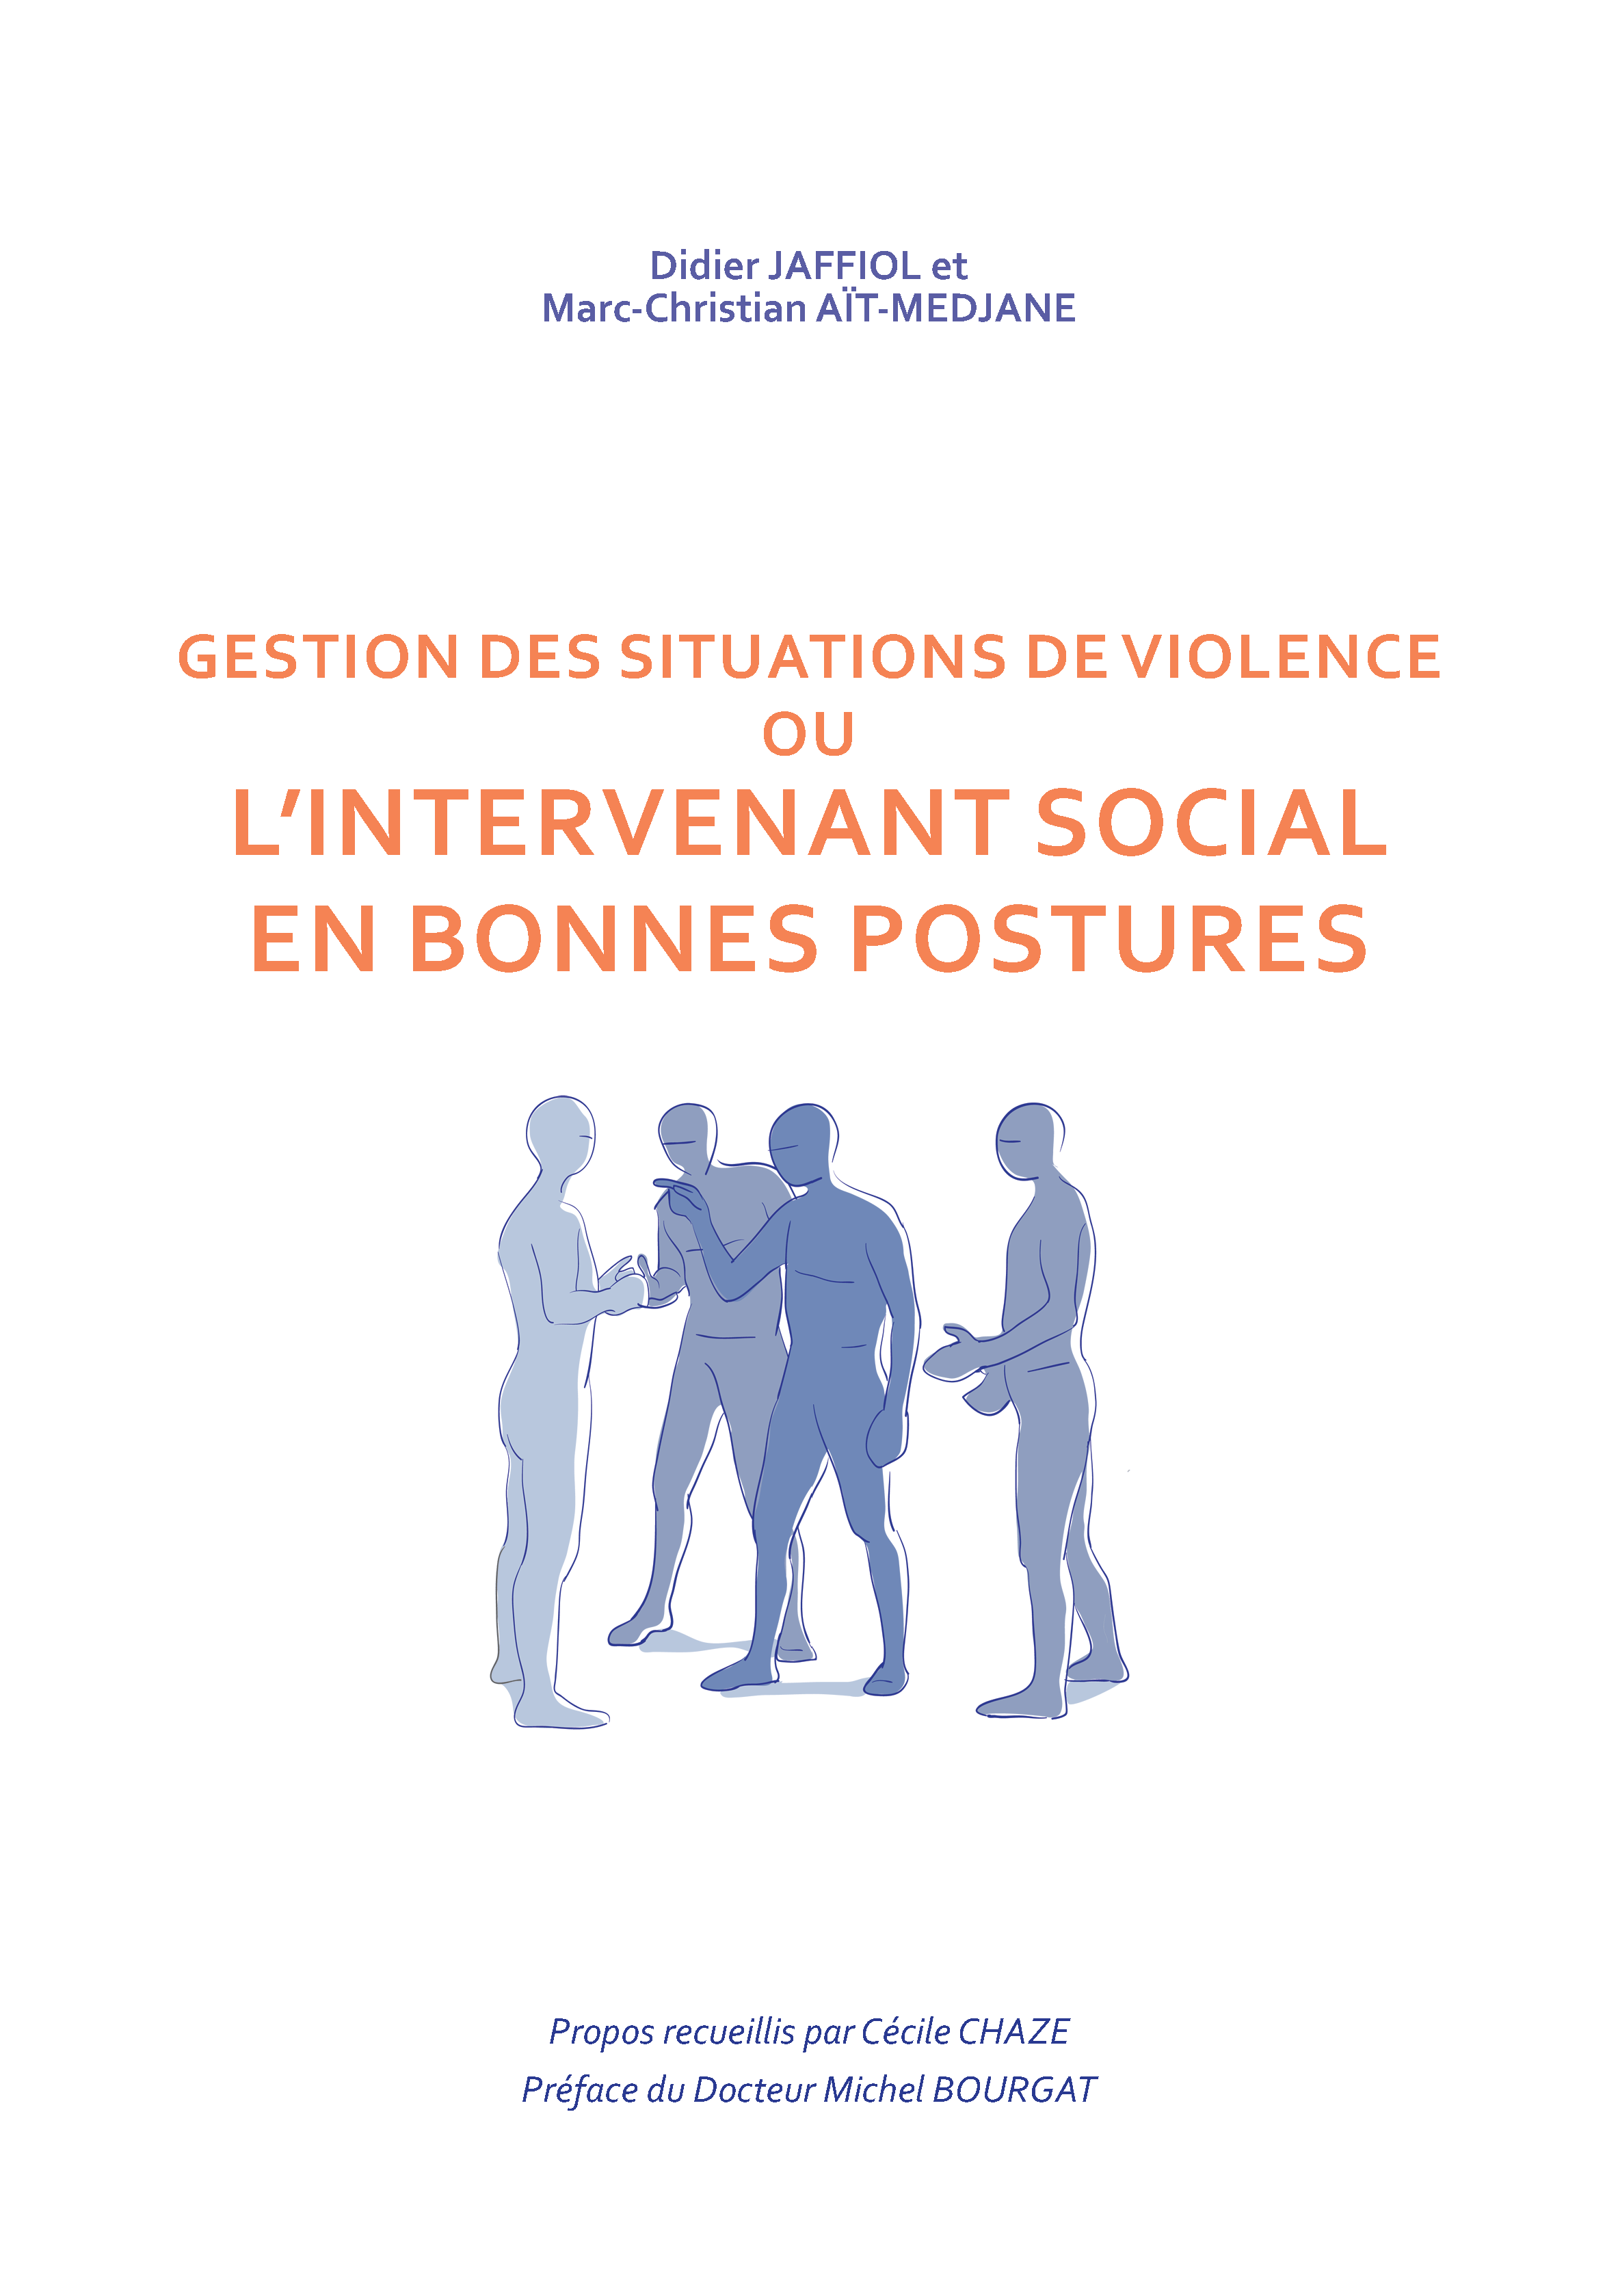 Les intervenants sociaux face à la violence, un livre sur les bonnes pratiques